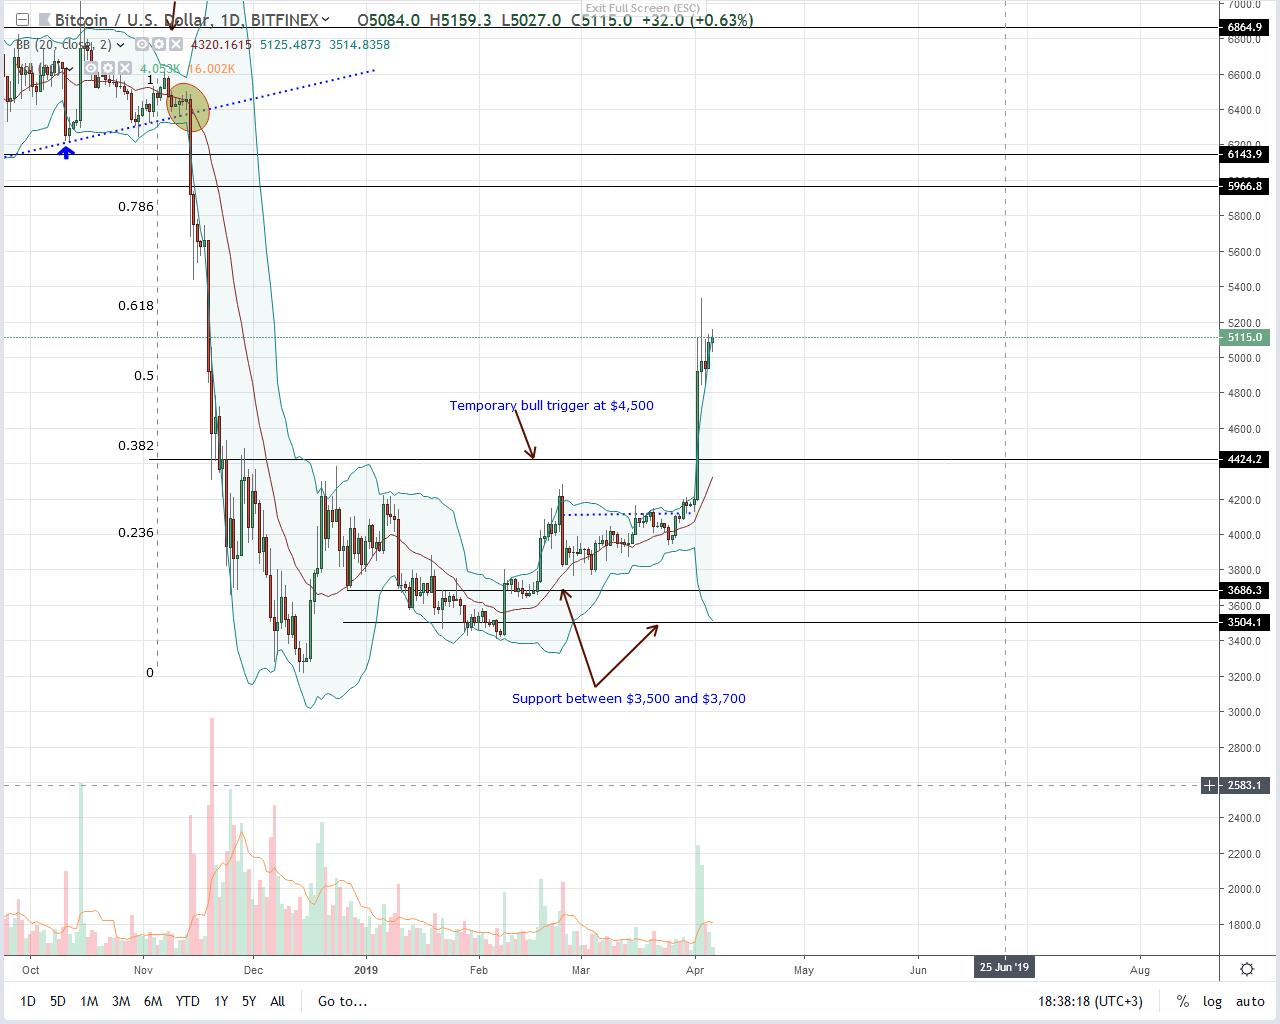 Szkeptikusok az elemzők, mégis tovább dübörög a bitcoin